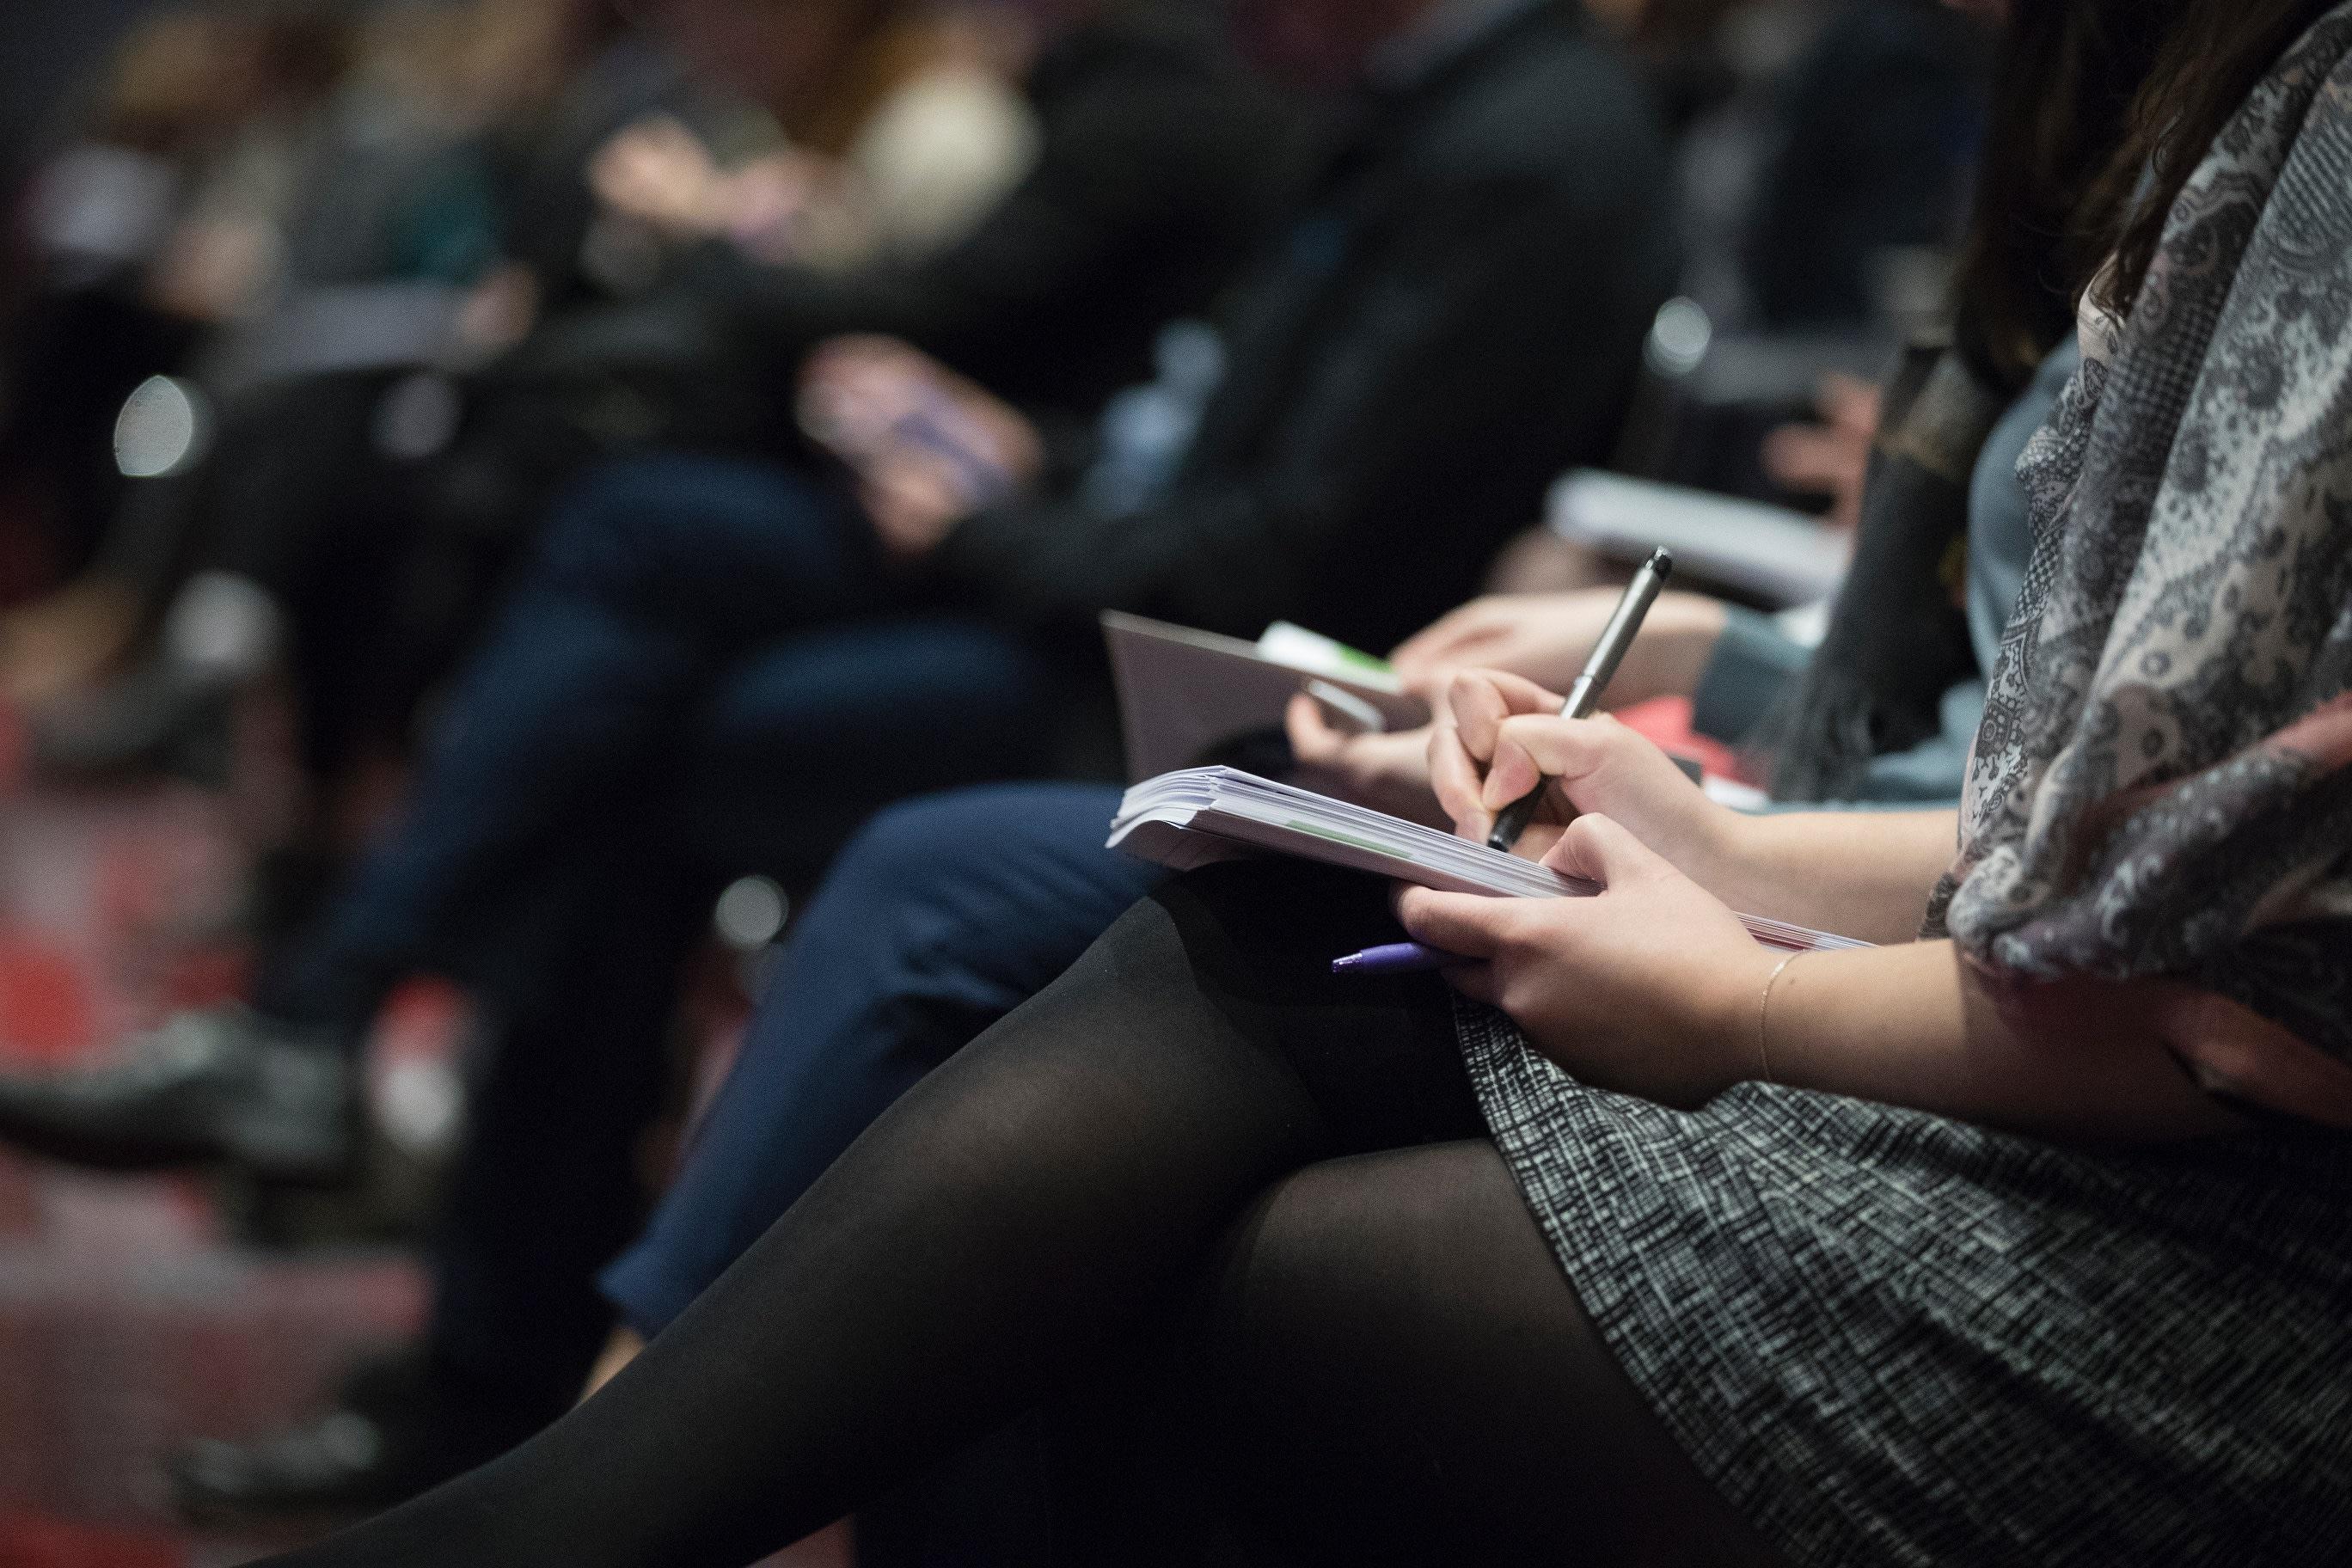 Anunciantes: Noções básicas para gerenciar um programa de afiliados